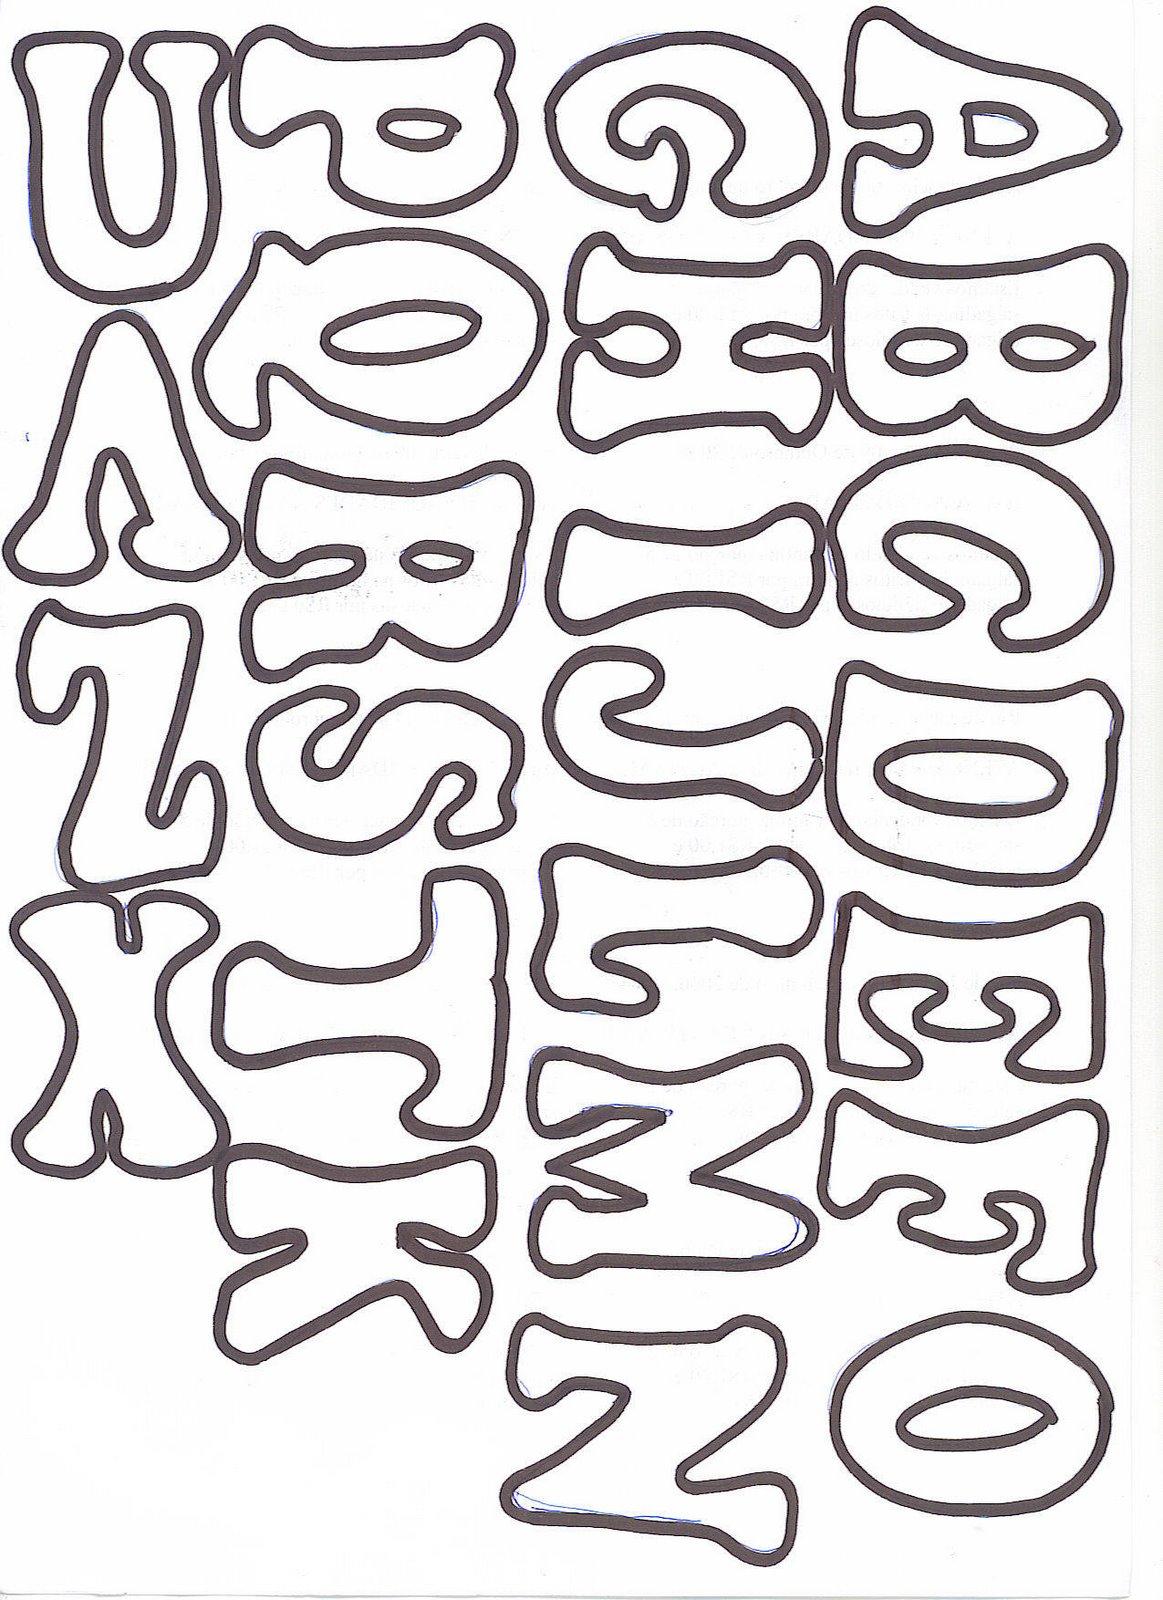 Tipos de letras para murales - Imagui